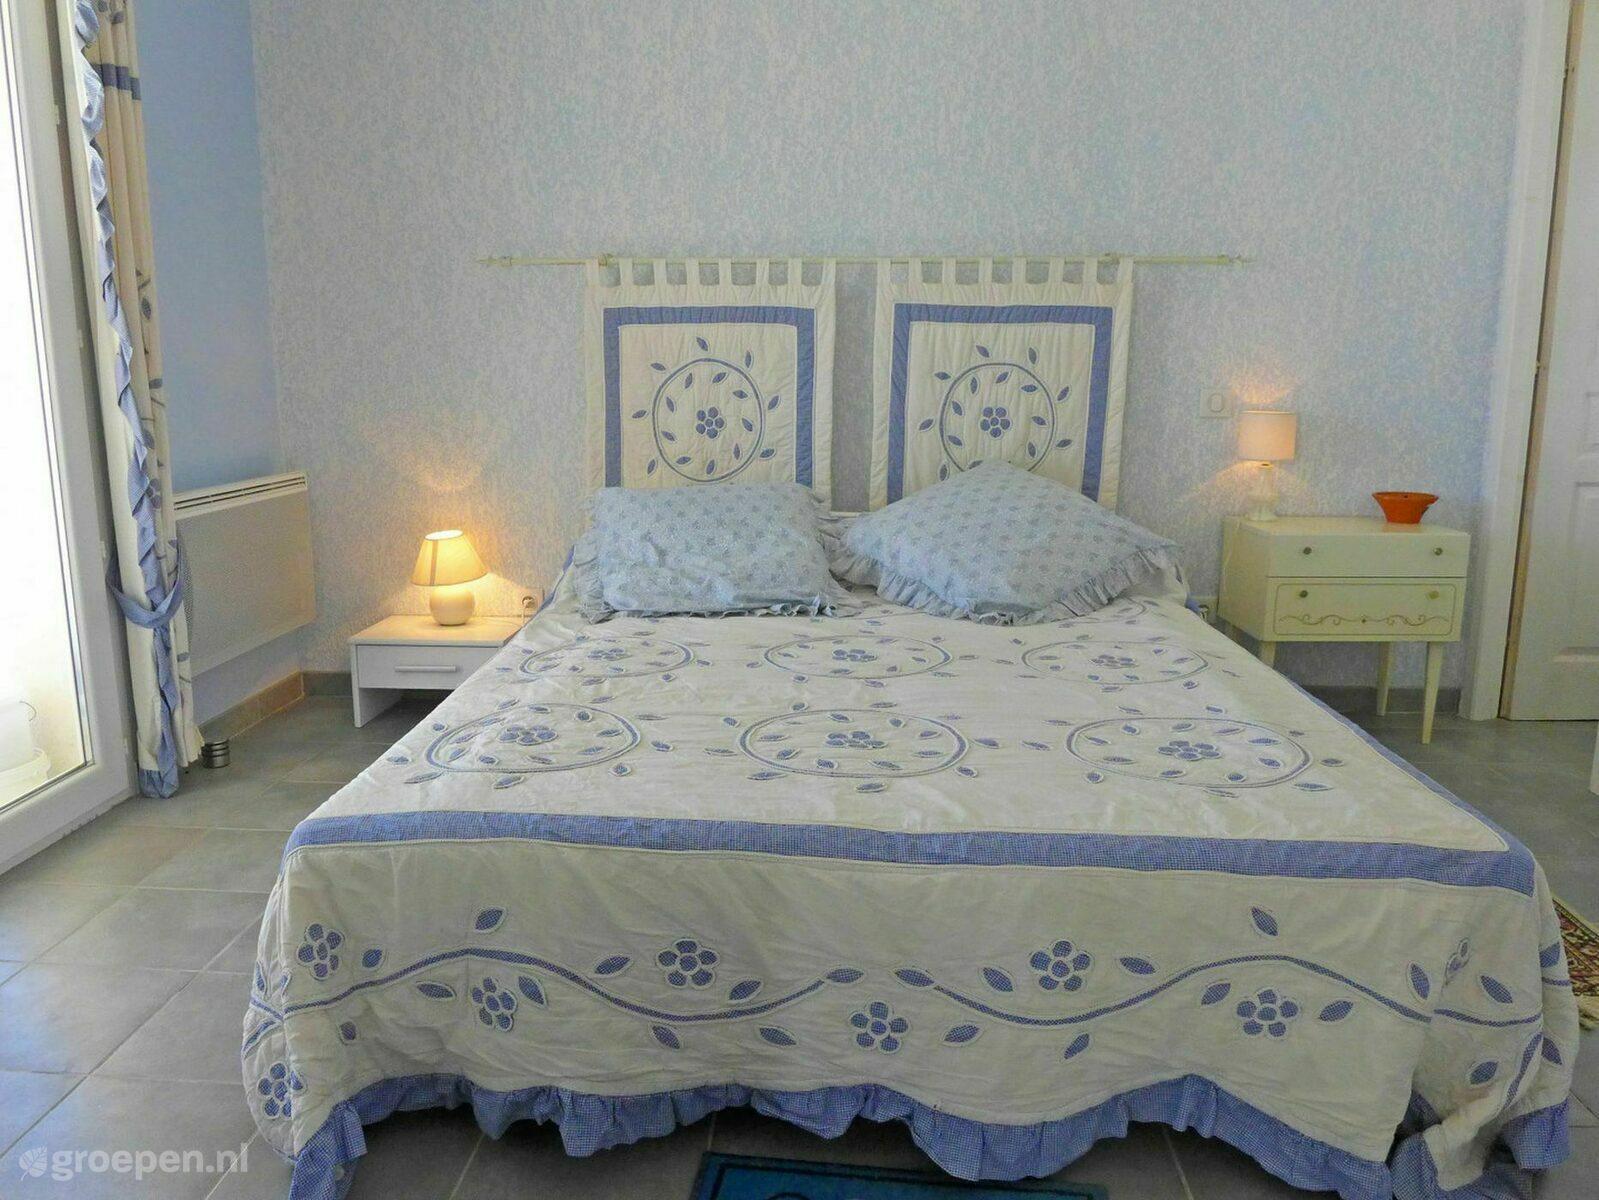 Vakantiehuis Narbonne